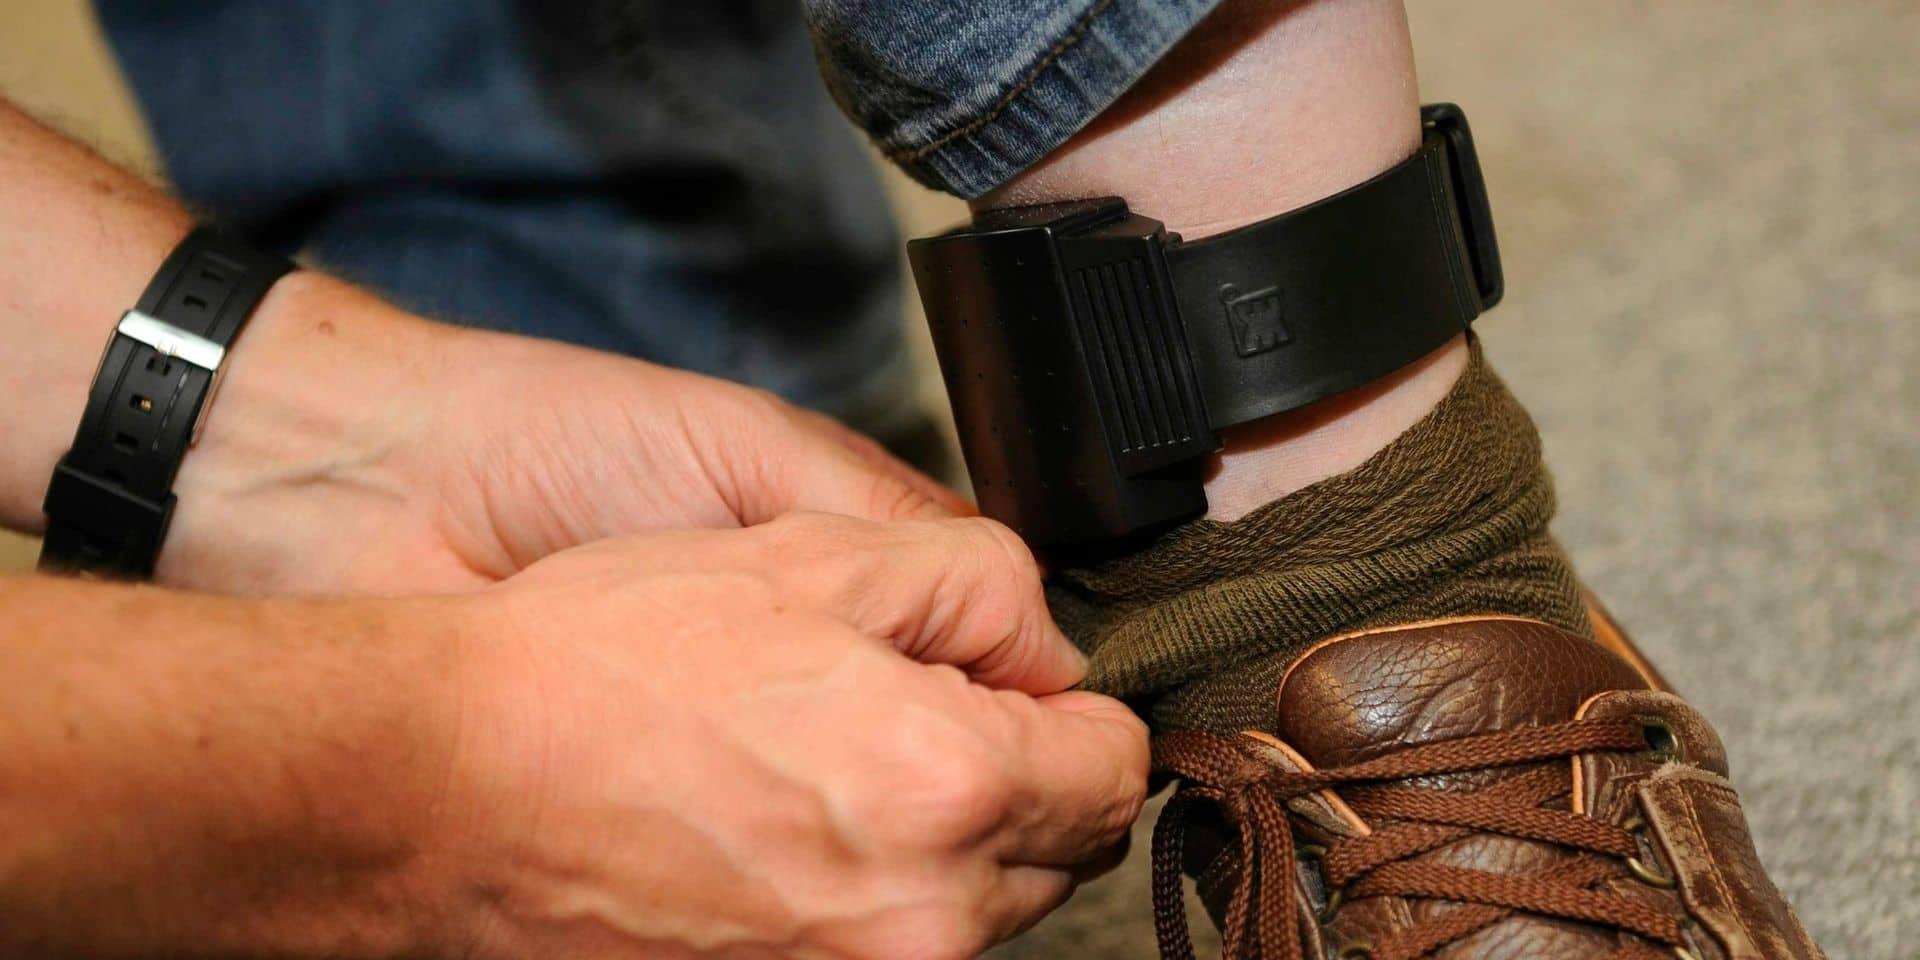 Le fraudeur se trahit… en demandant un bracelet électronique